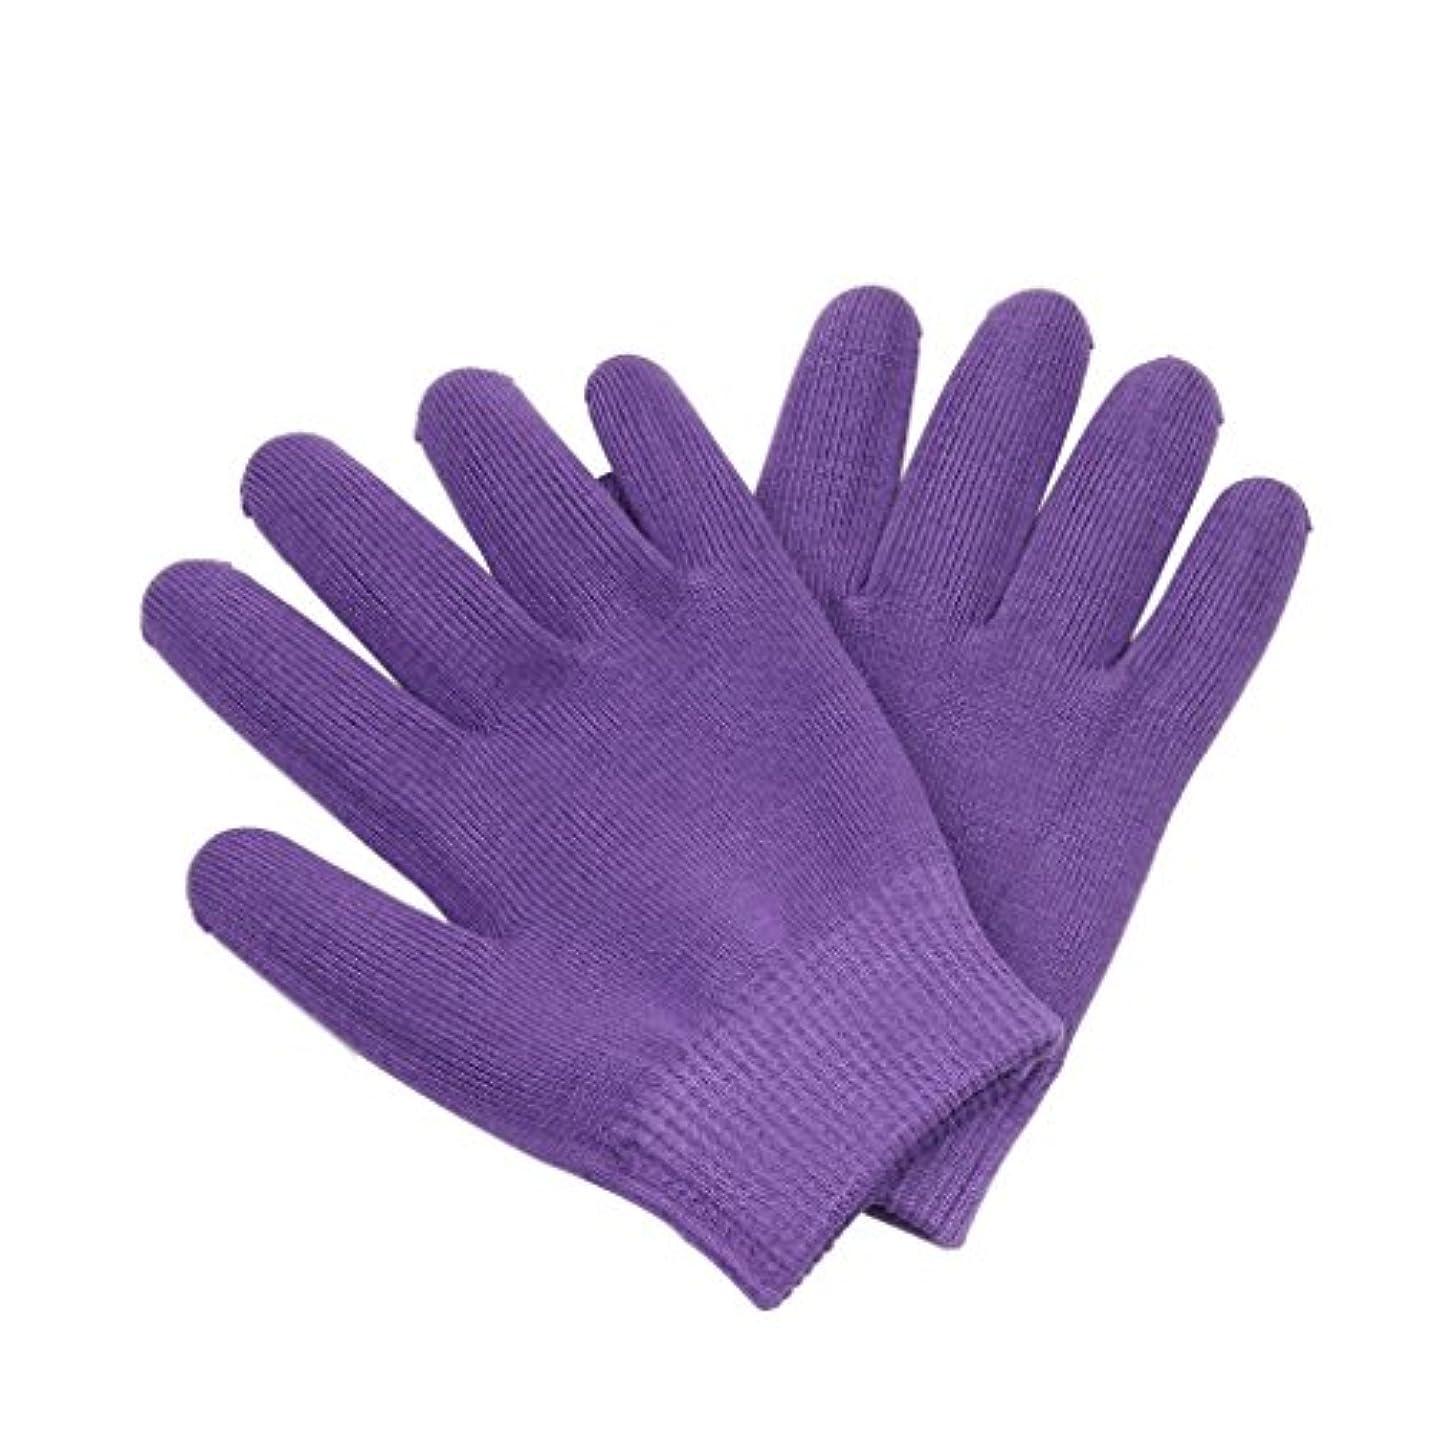 タンパク質味わうカラスSONONIA 保湿手袋 おやすみ手袋 就寝用 手袋 手湿疹 肌荒れ 乾燥防止 乾燥肌 手荒れ 保湿 スキンケア 全3色選べ - 紫